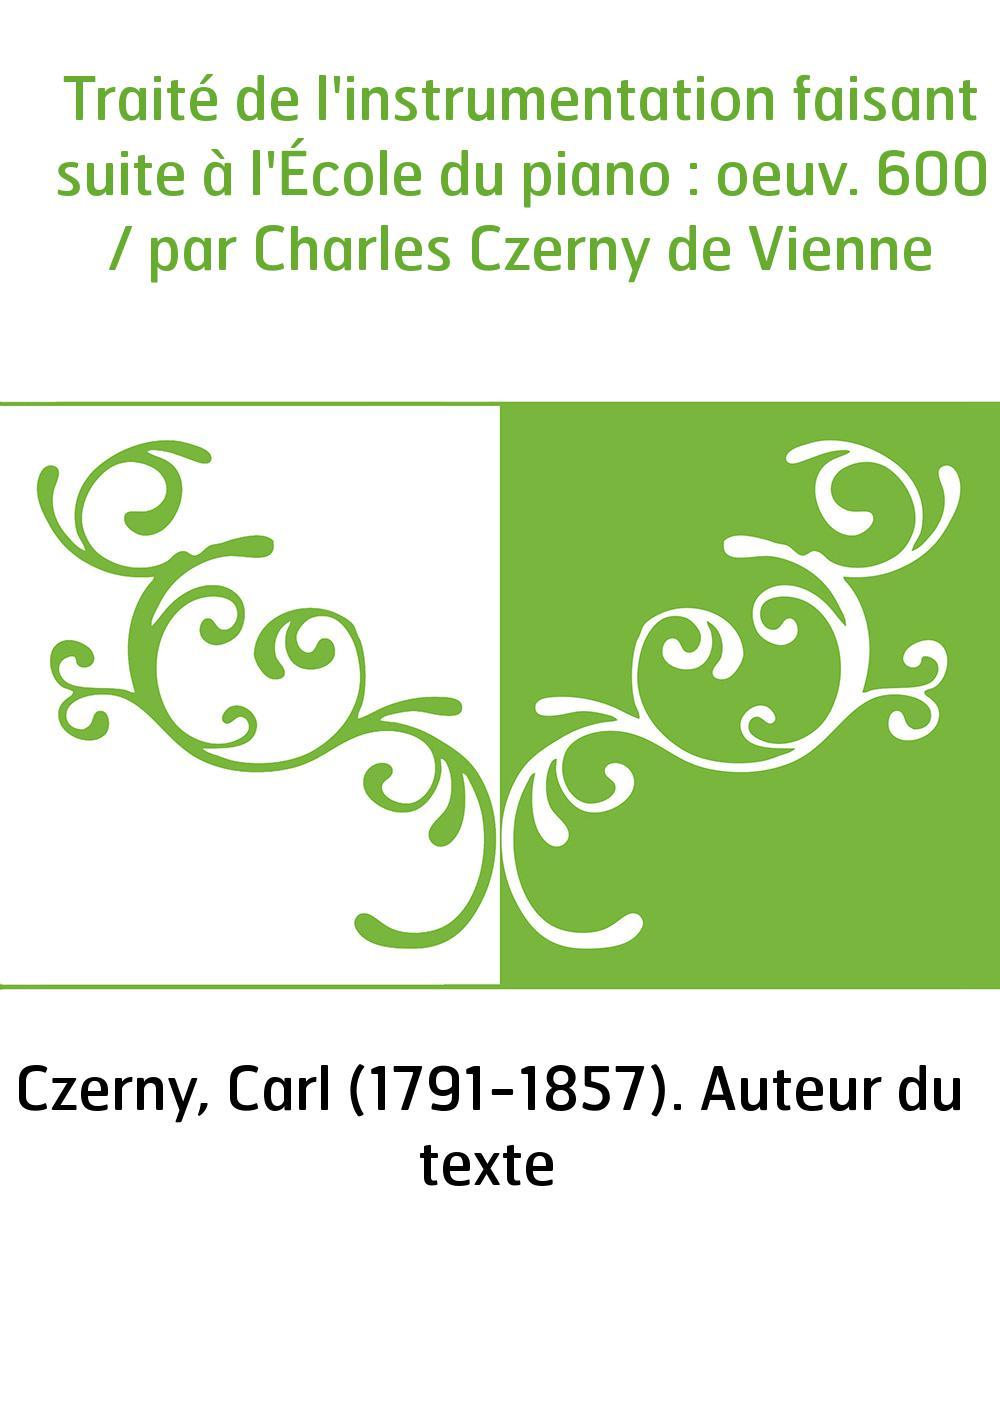 Traité de l'instrumentation faisant suite à l'École du piano : oeuv. 600 / par Charles Czerny de Vienne